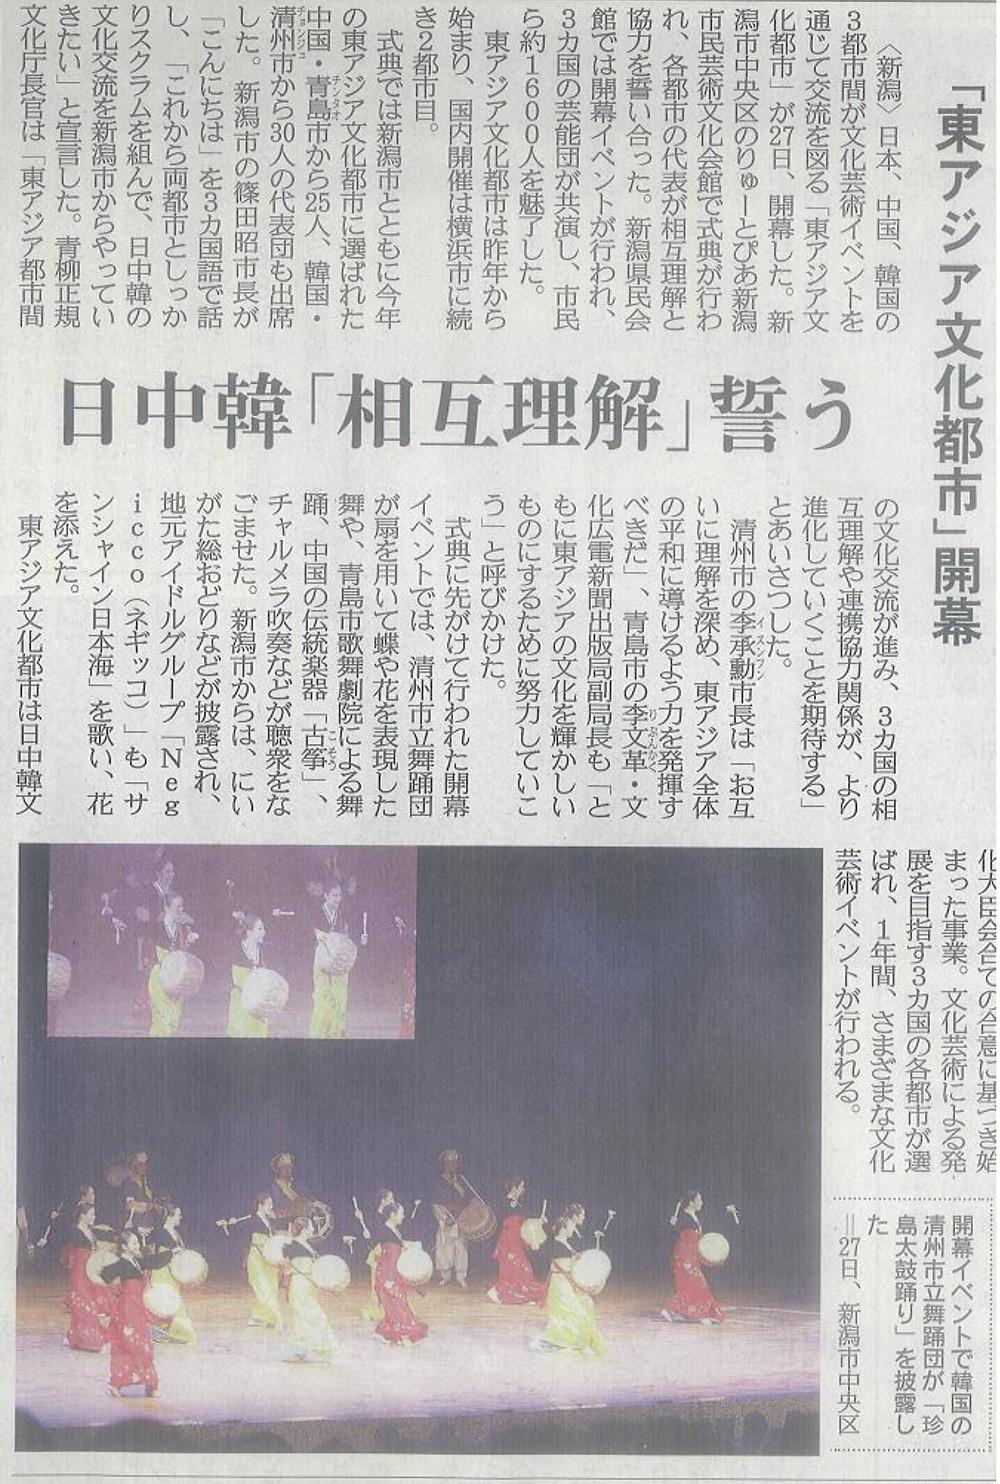 15022니가타 보도자료_1.jpg